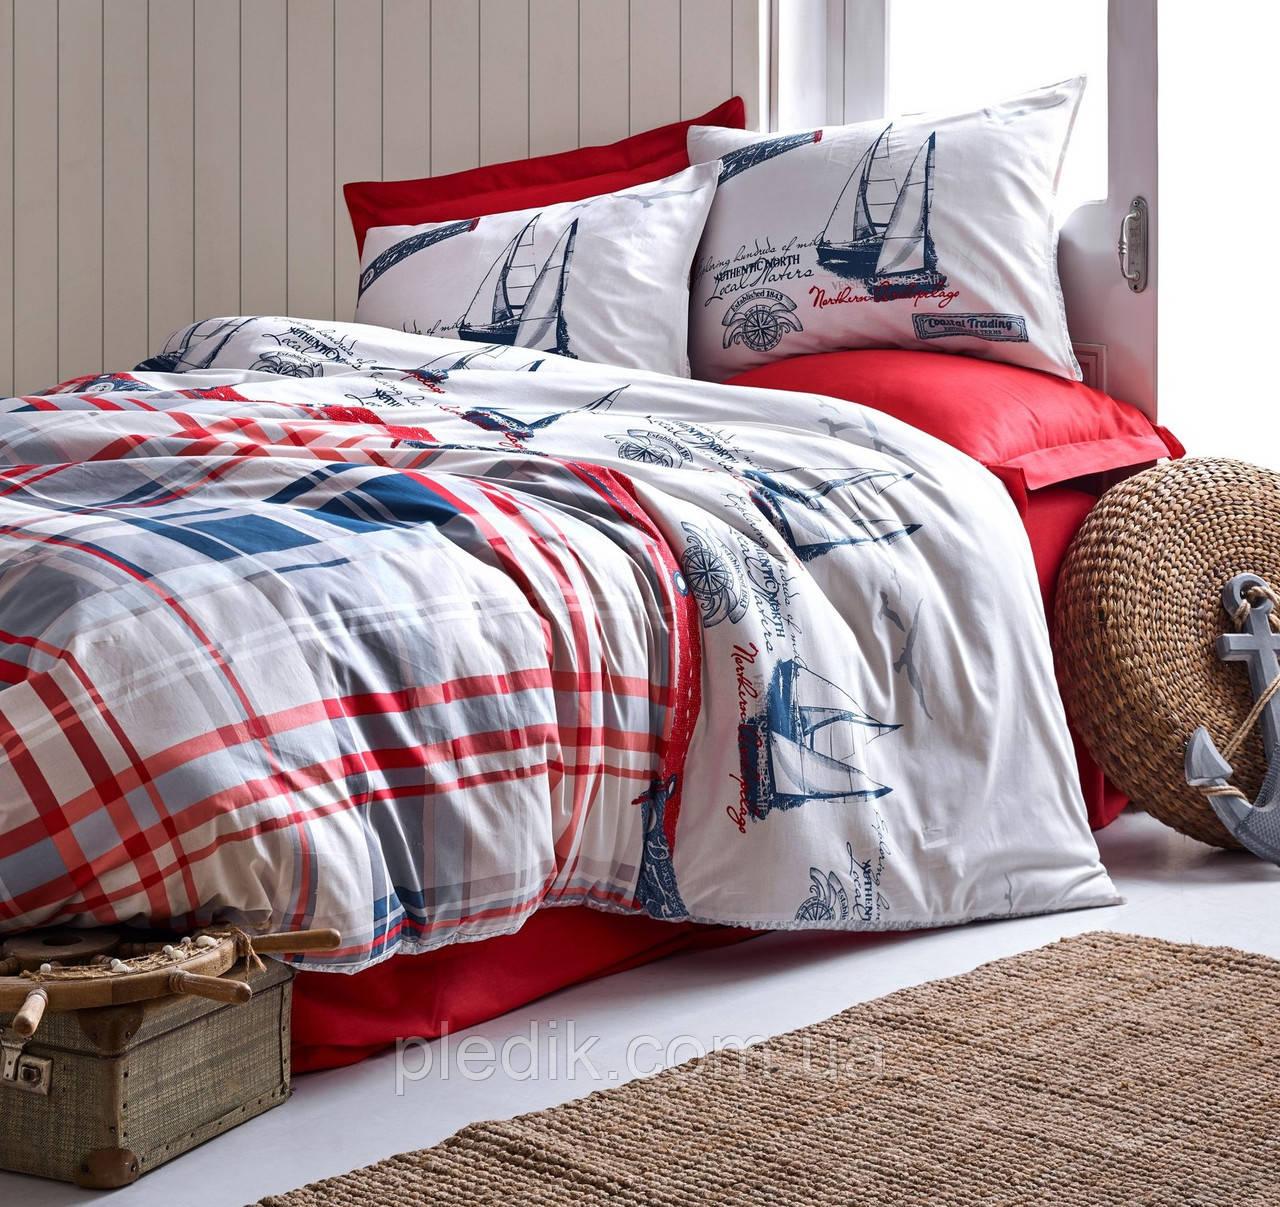 Двуспальное постельное белье 200х220 Cotton box Ранфорс Alesta